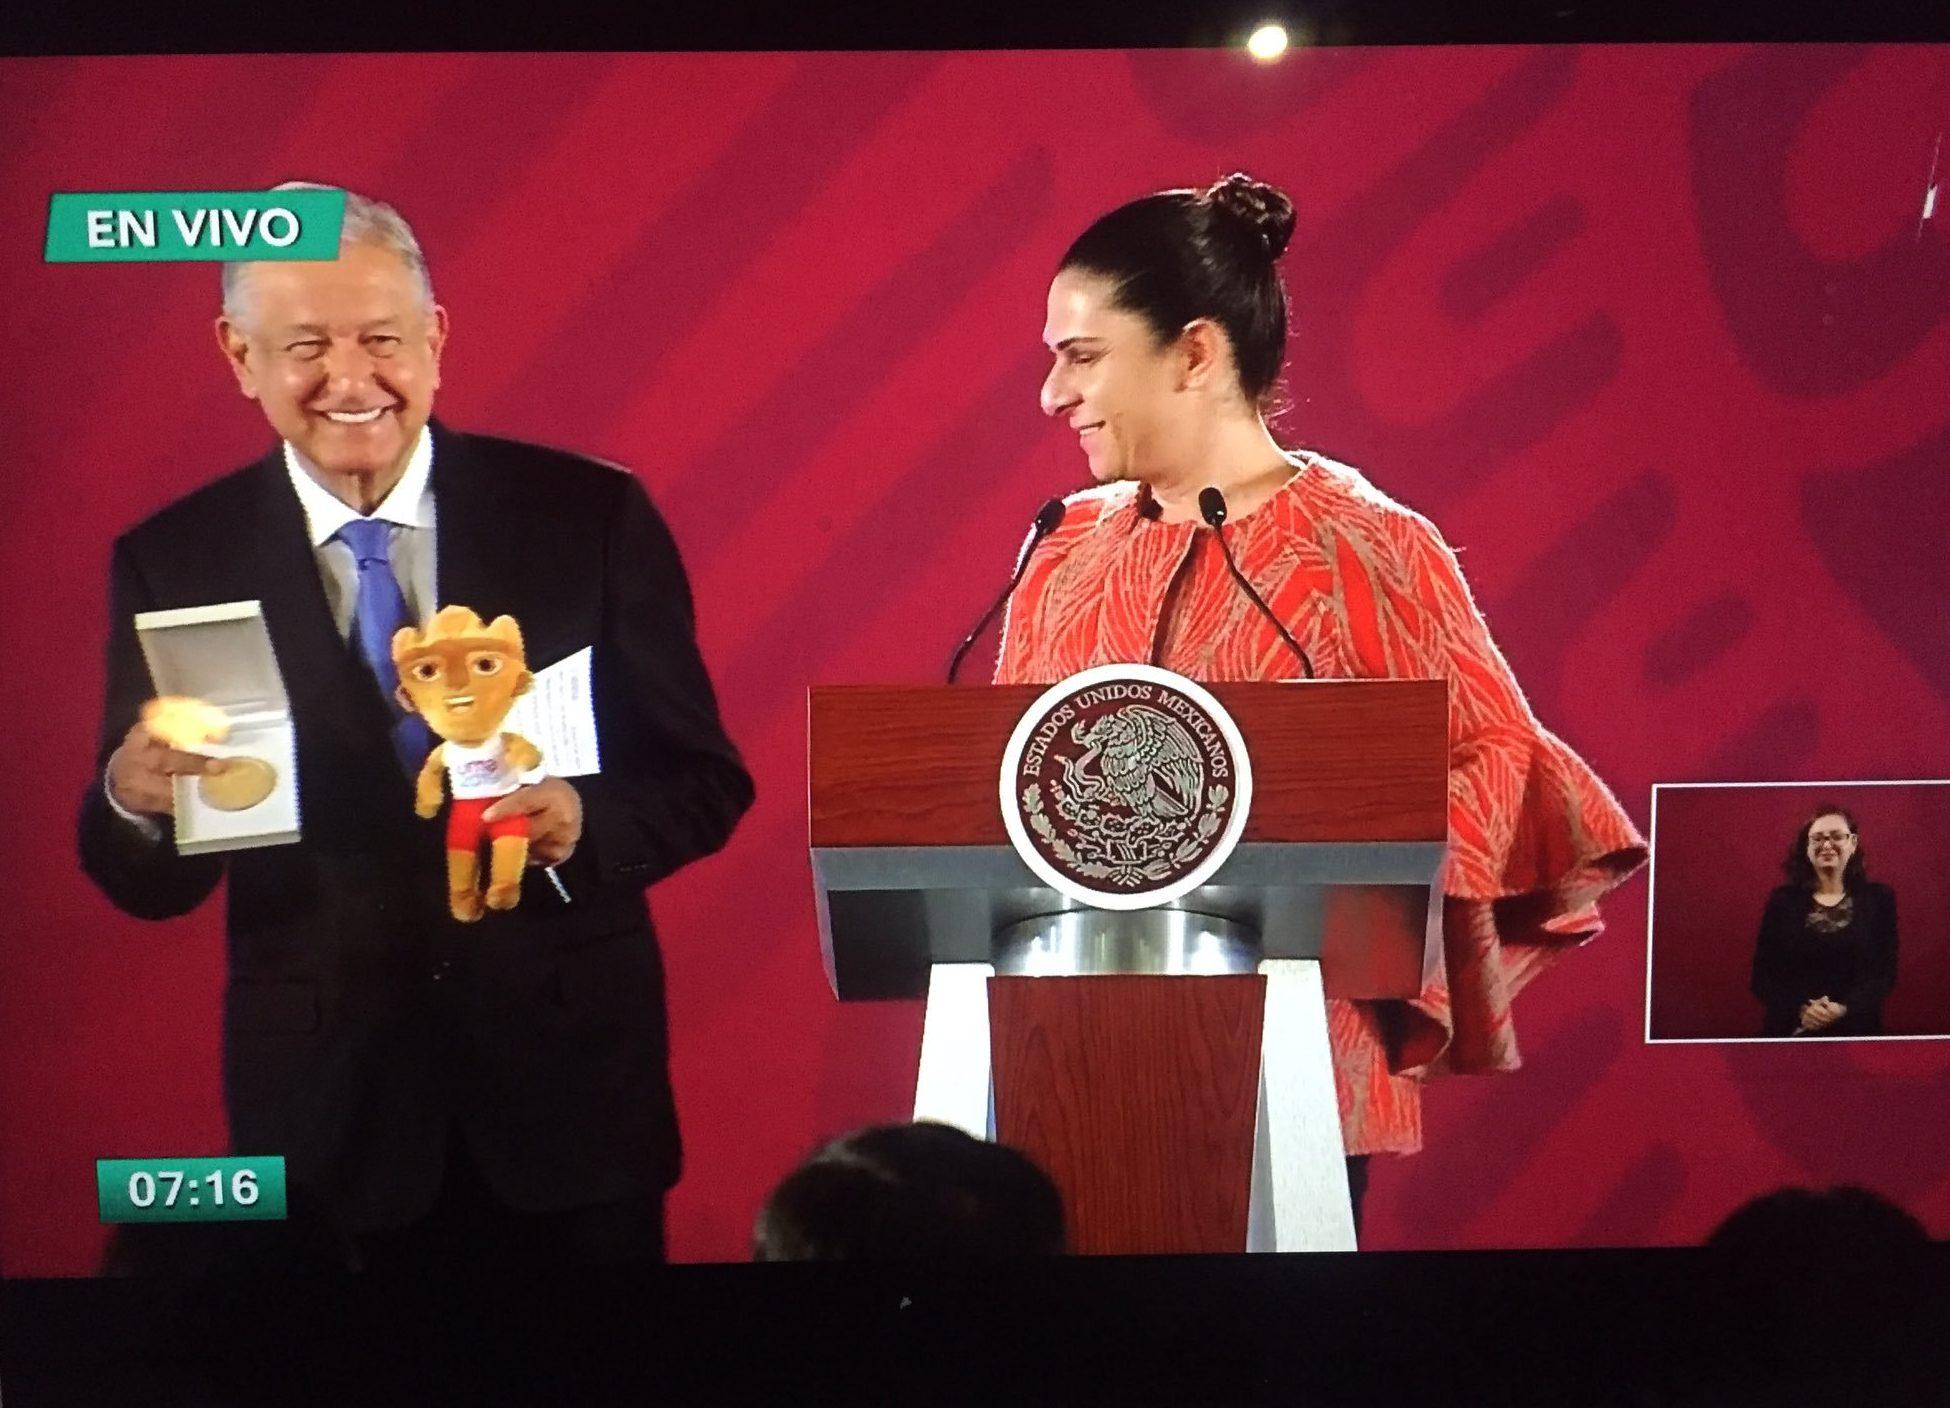 Ana Guevara entrega medalla de oro a AMLO por su apoyo a deportistas